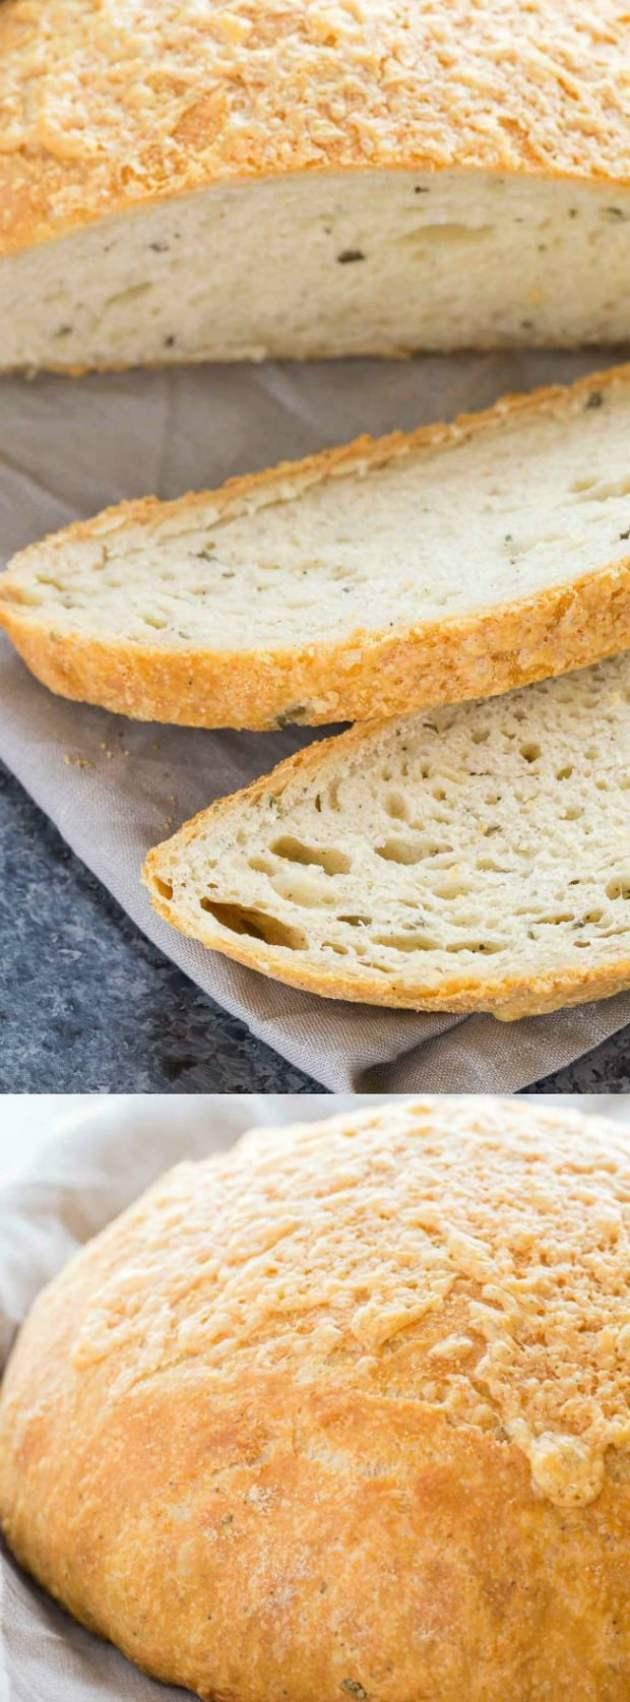 Rosemary Cheese Bread Longpin